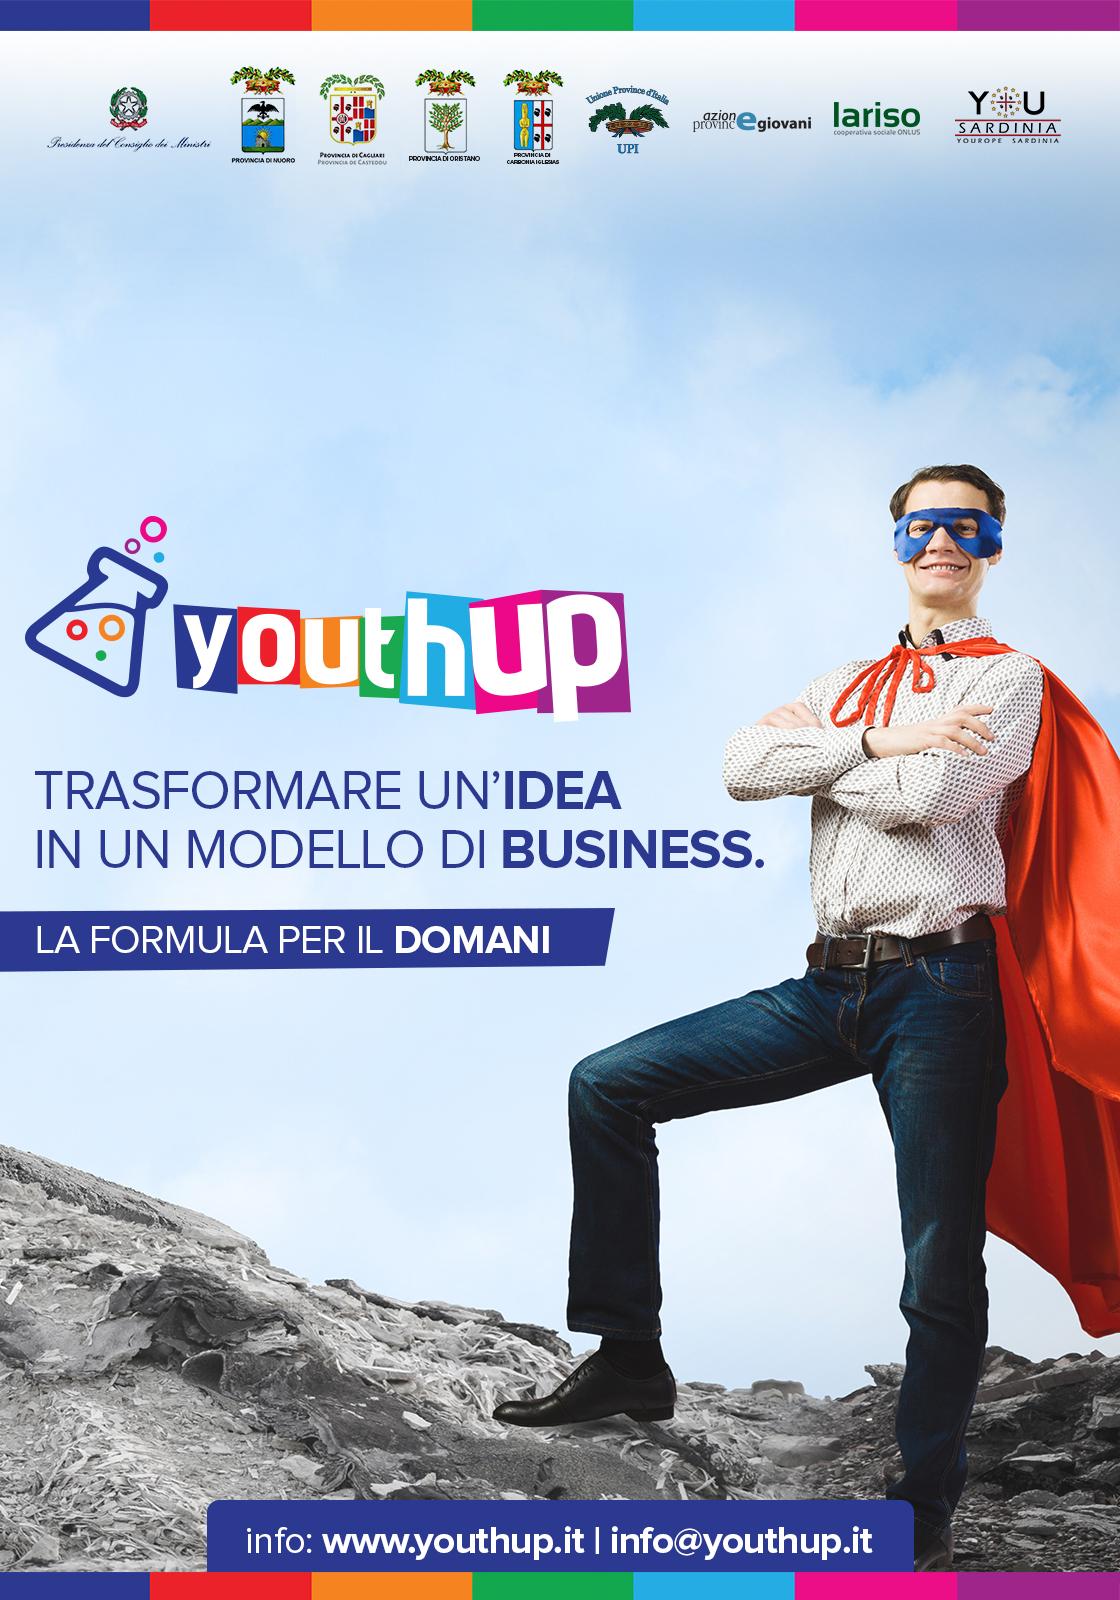 YouthUP - Manifesto 100x70 - Formato Web